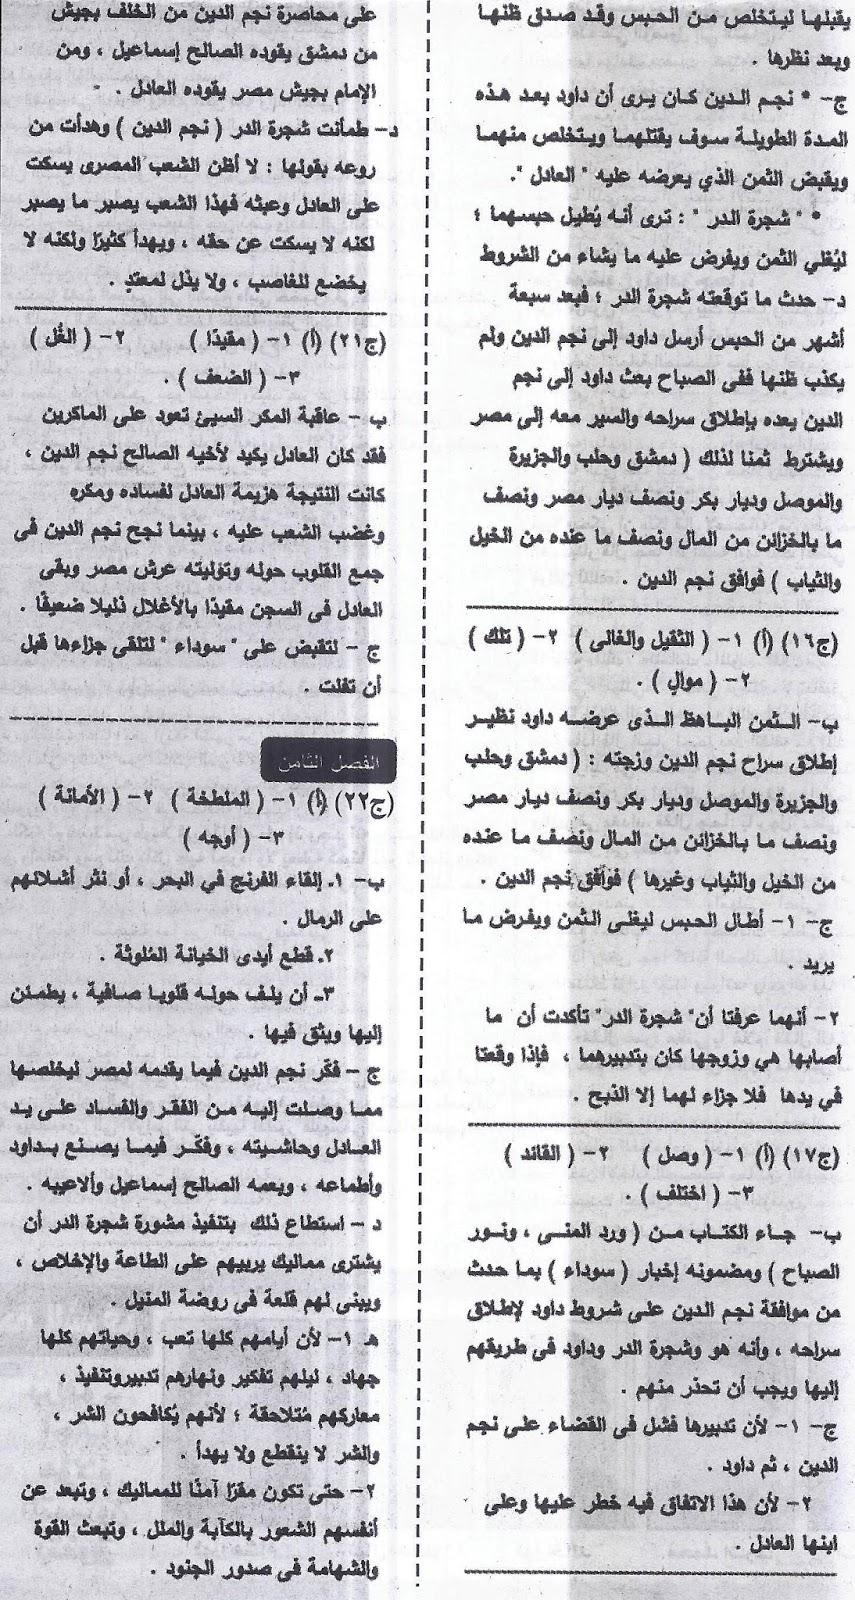 """ملحق الجمهورية ينشر... س وج المتوقع لقصة """"طموح جارية"""" للشهادة الإعدادية نصف العام 2016 6"""